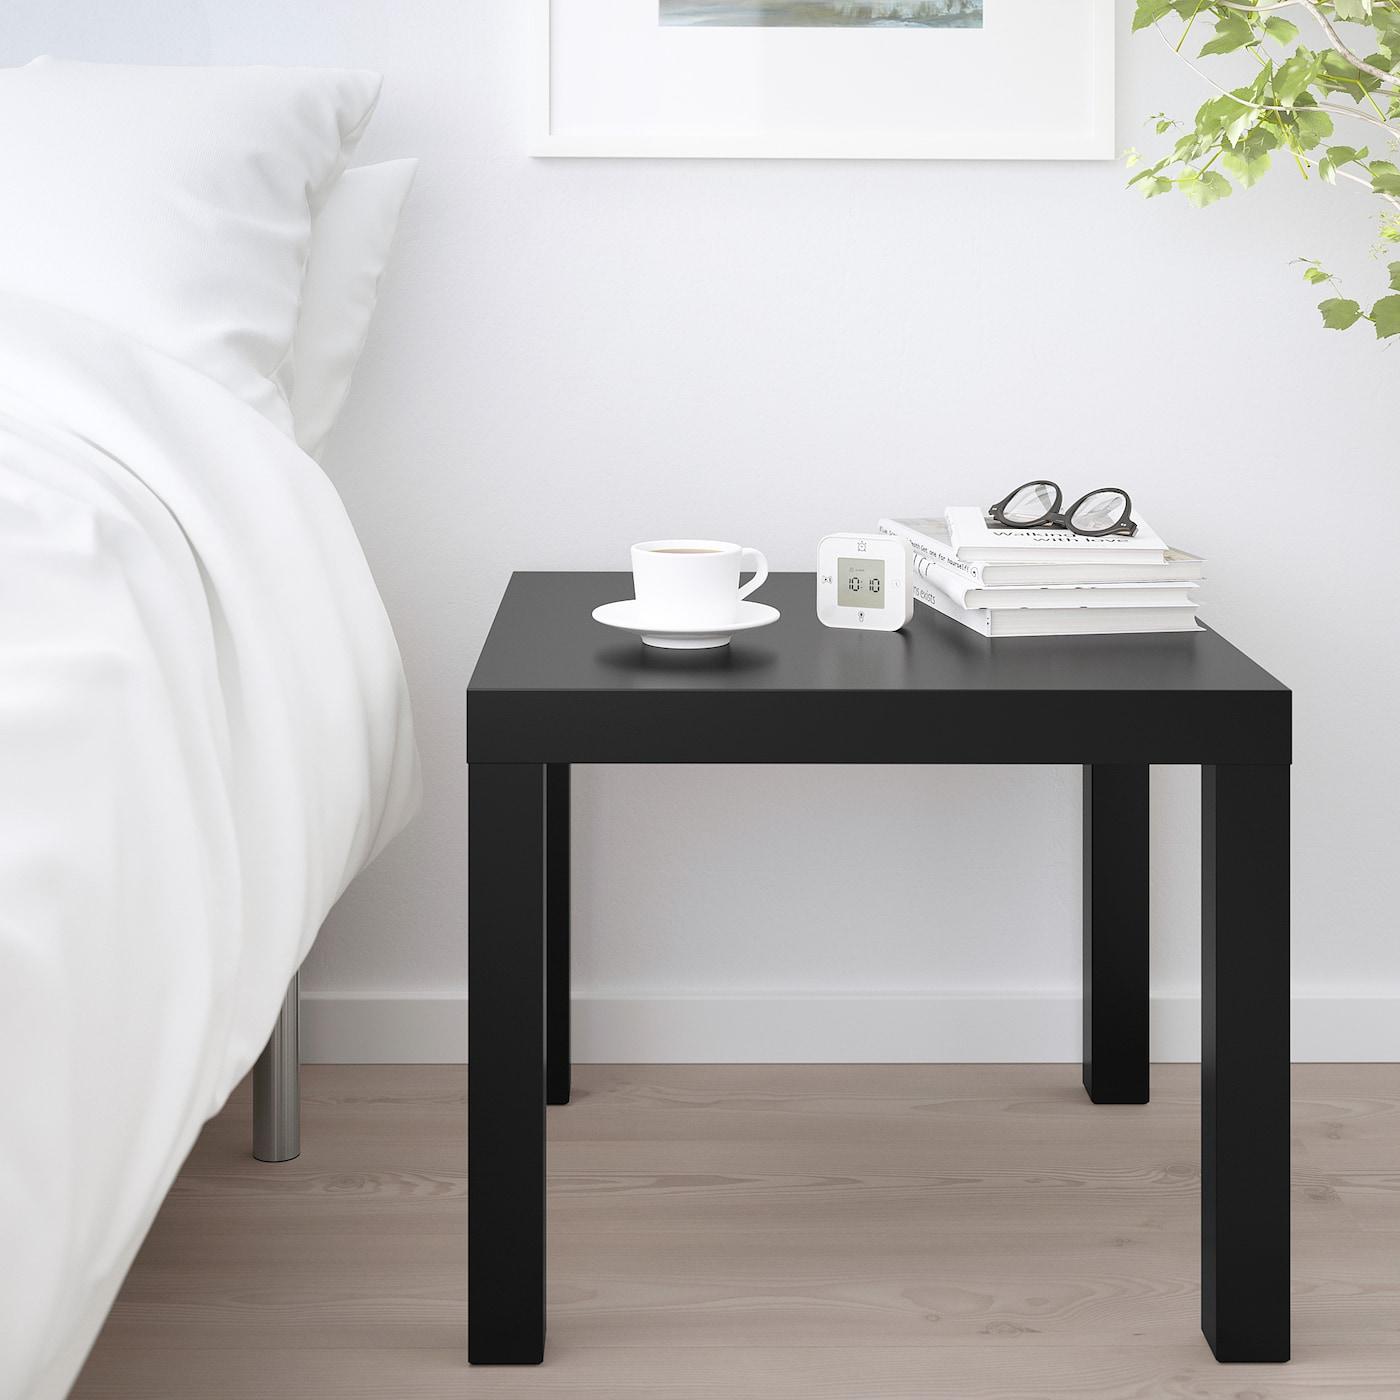 LACK Beistelltisch schwarz 55x55 cm